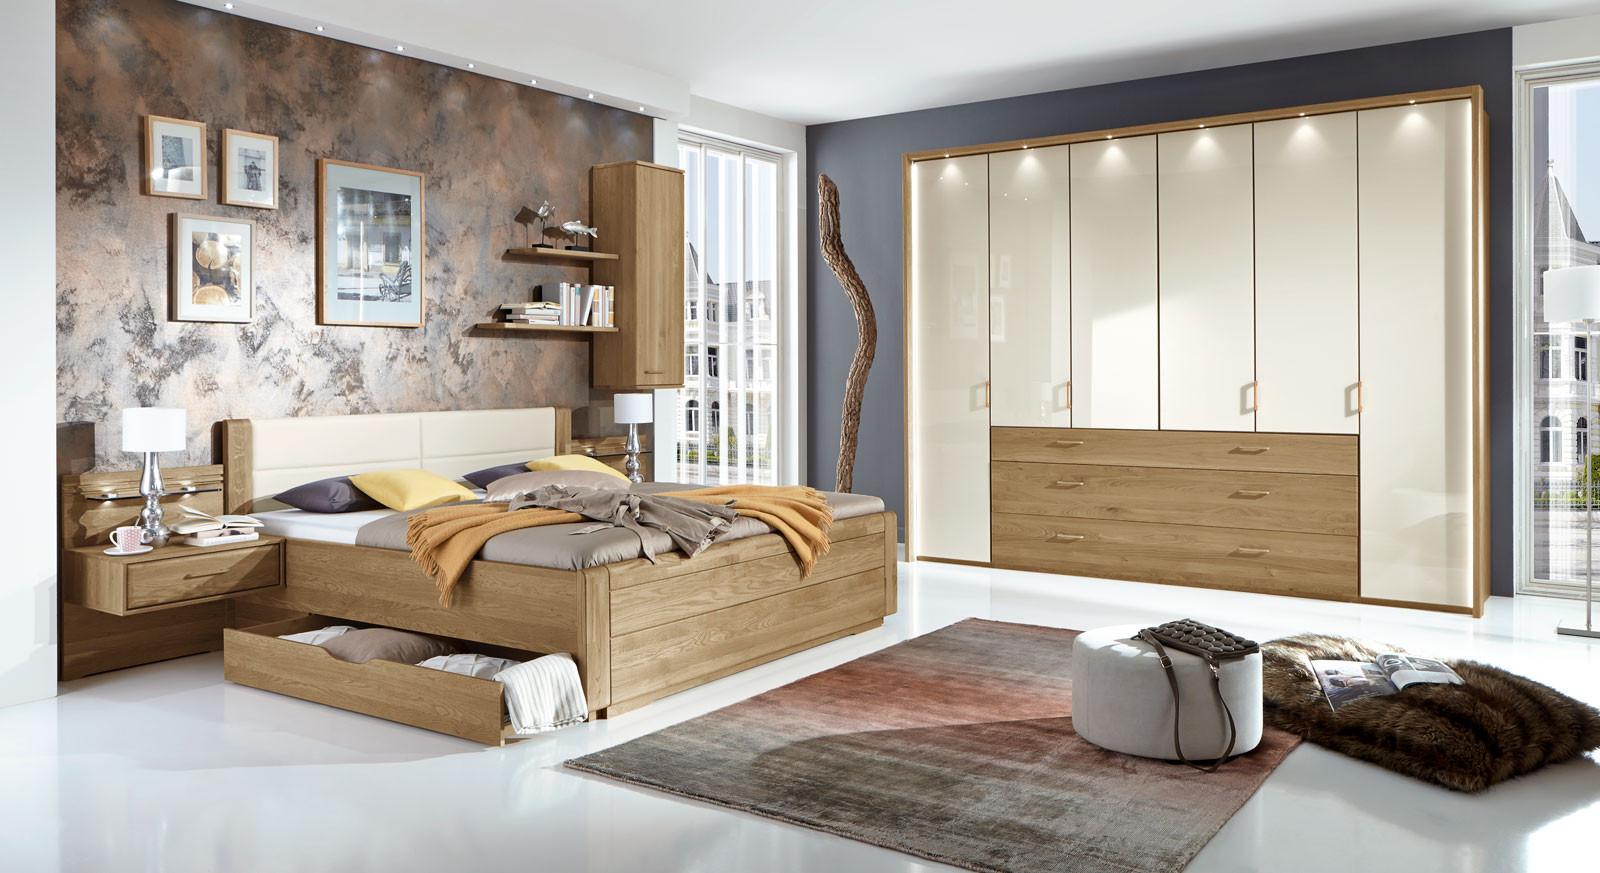 Schlafzimmer Farben  Teilmassives Schlafzimmer komplett mit Schubkastenbett